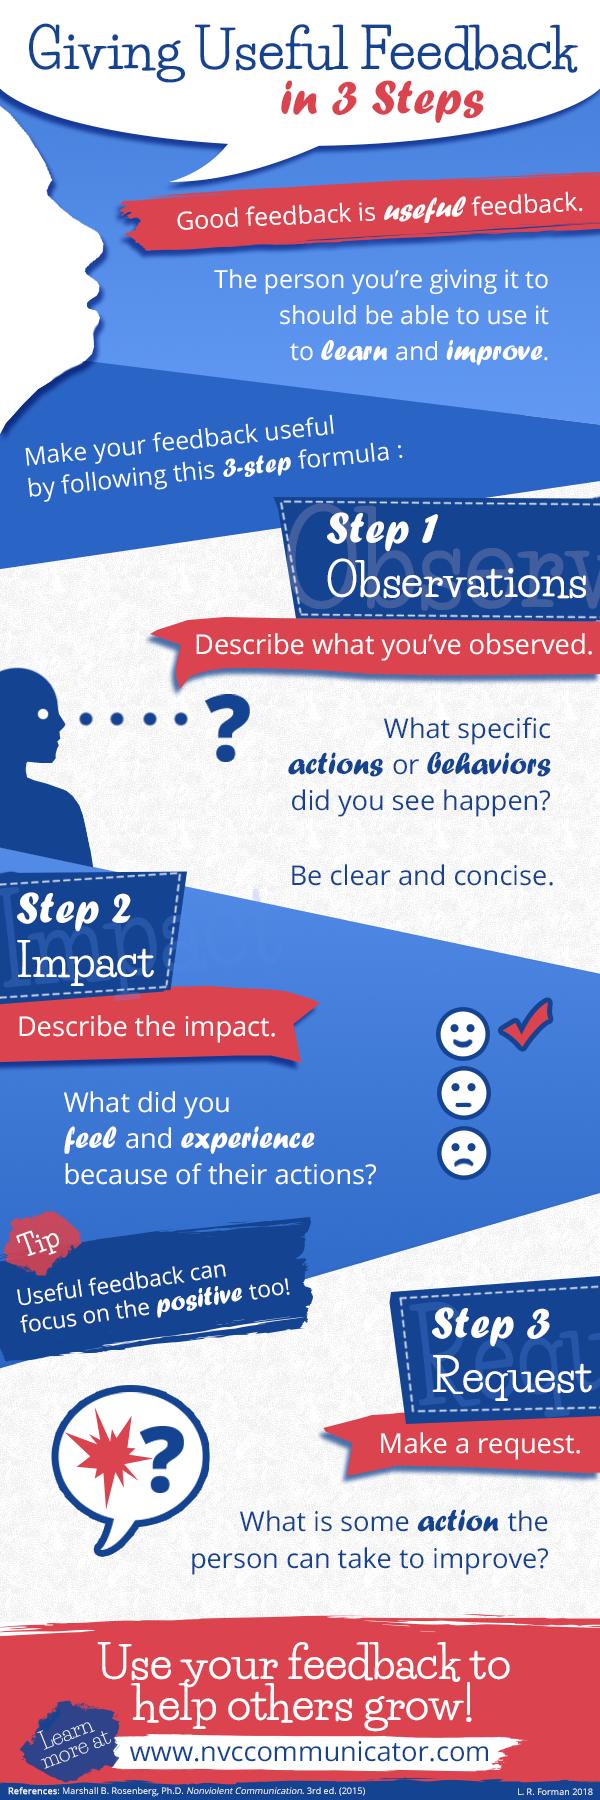 Giving Useful Feedback Infographic